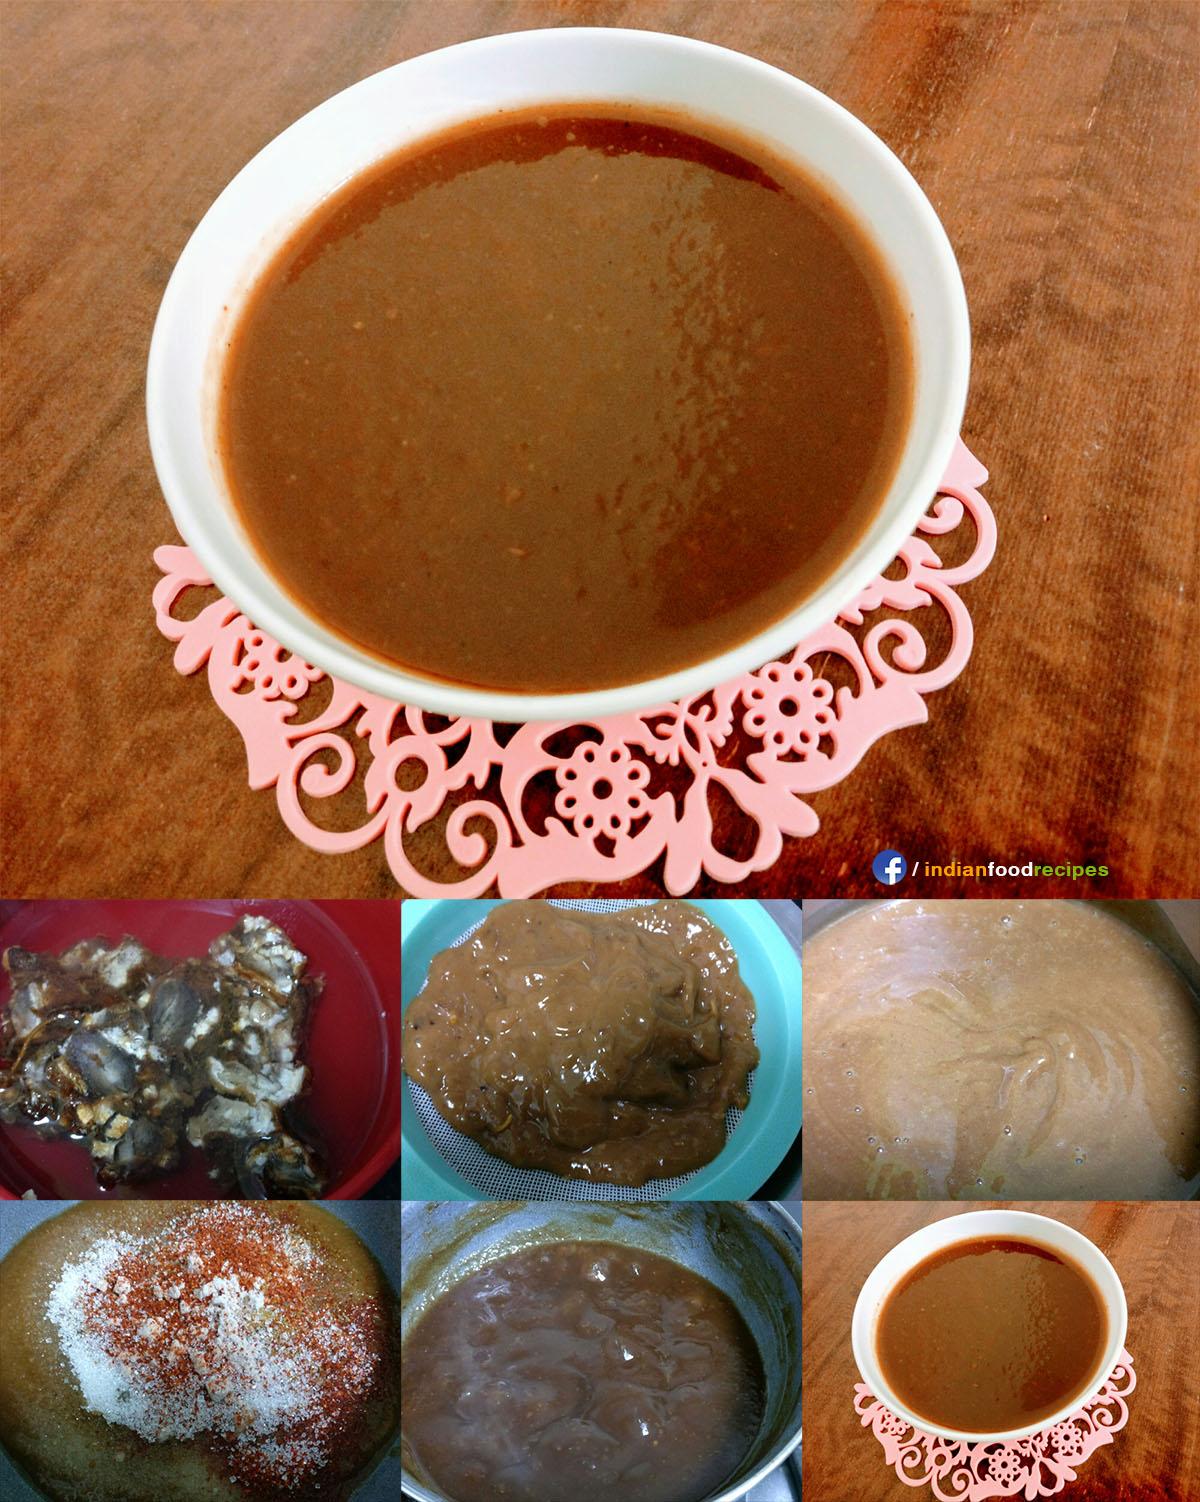 Instant Imli Ki Chutney recipe / Tamarind chutney recipe step by step